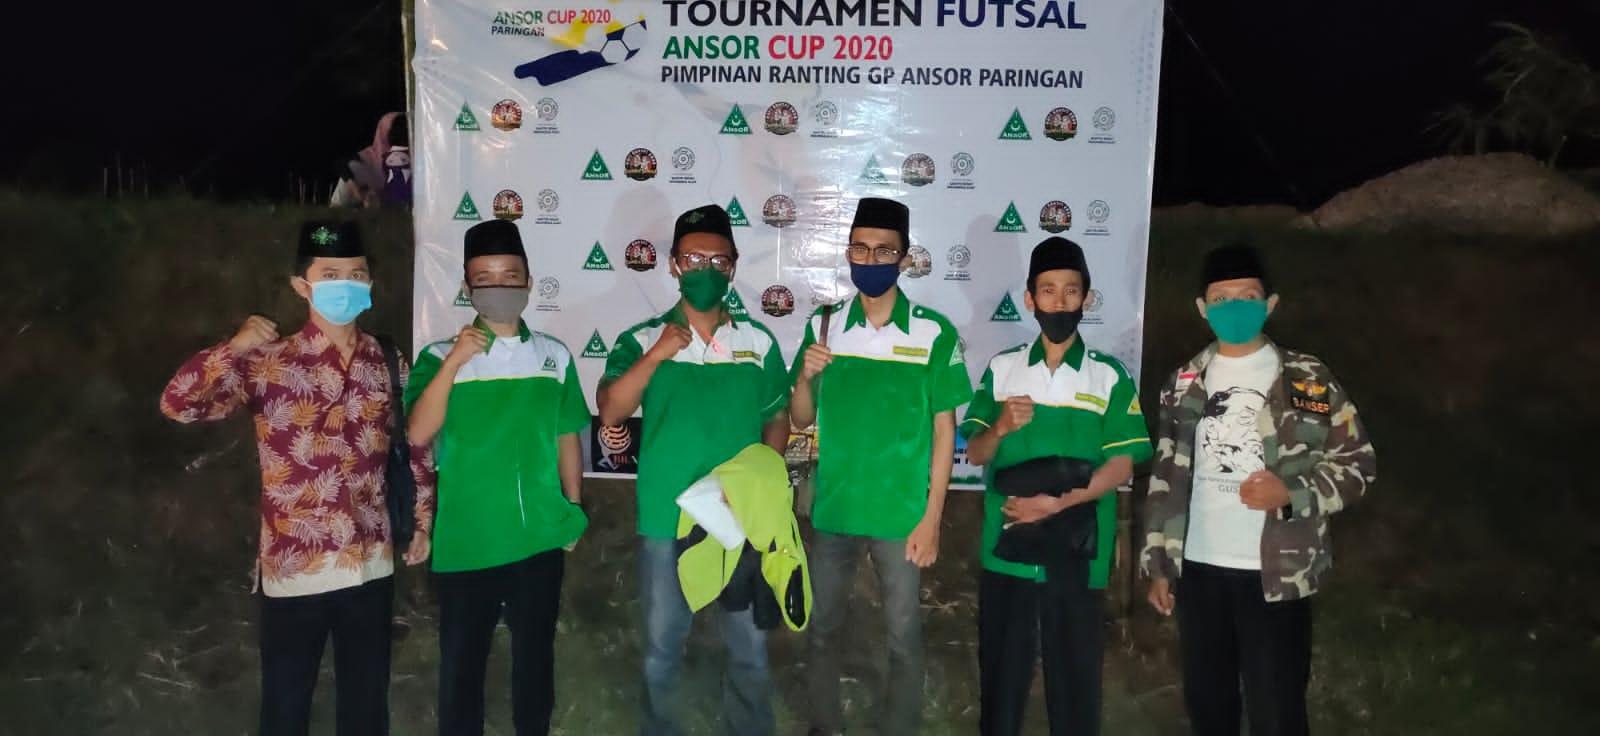 Jajaran Pengurus Ranting GP Ansor Paringan sesaat usai mengikuti pembukaan turnamen futsal